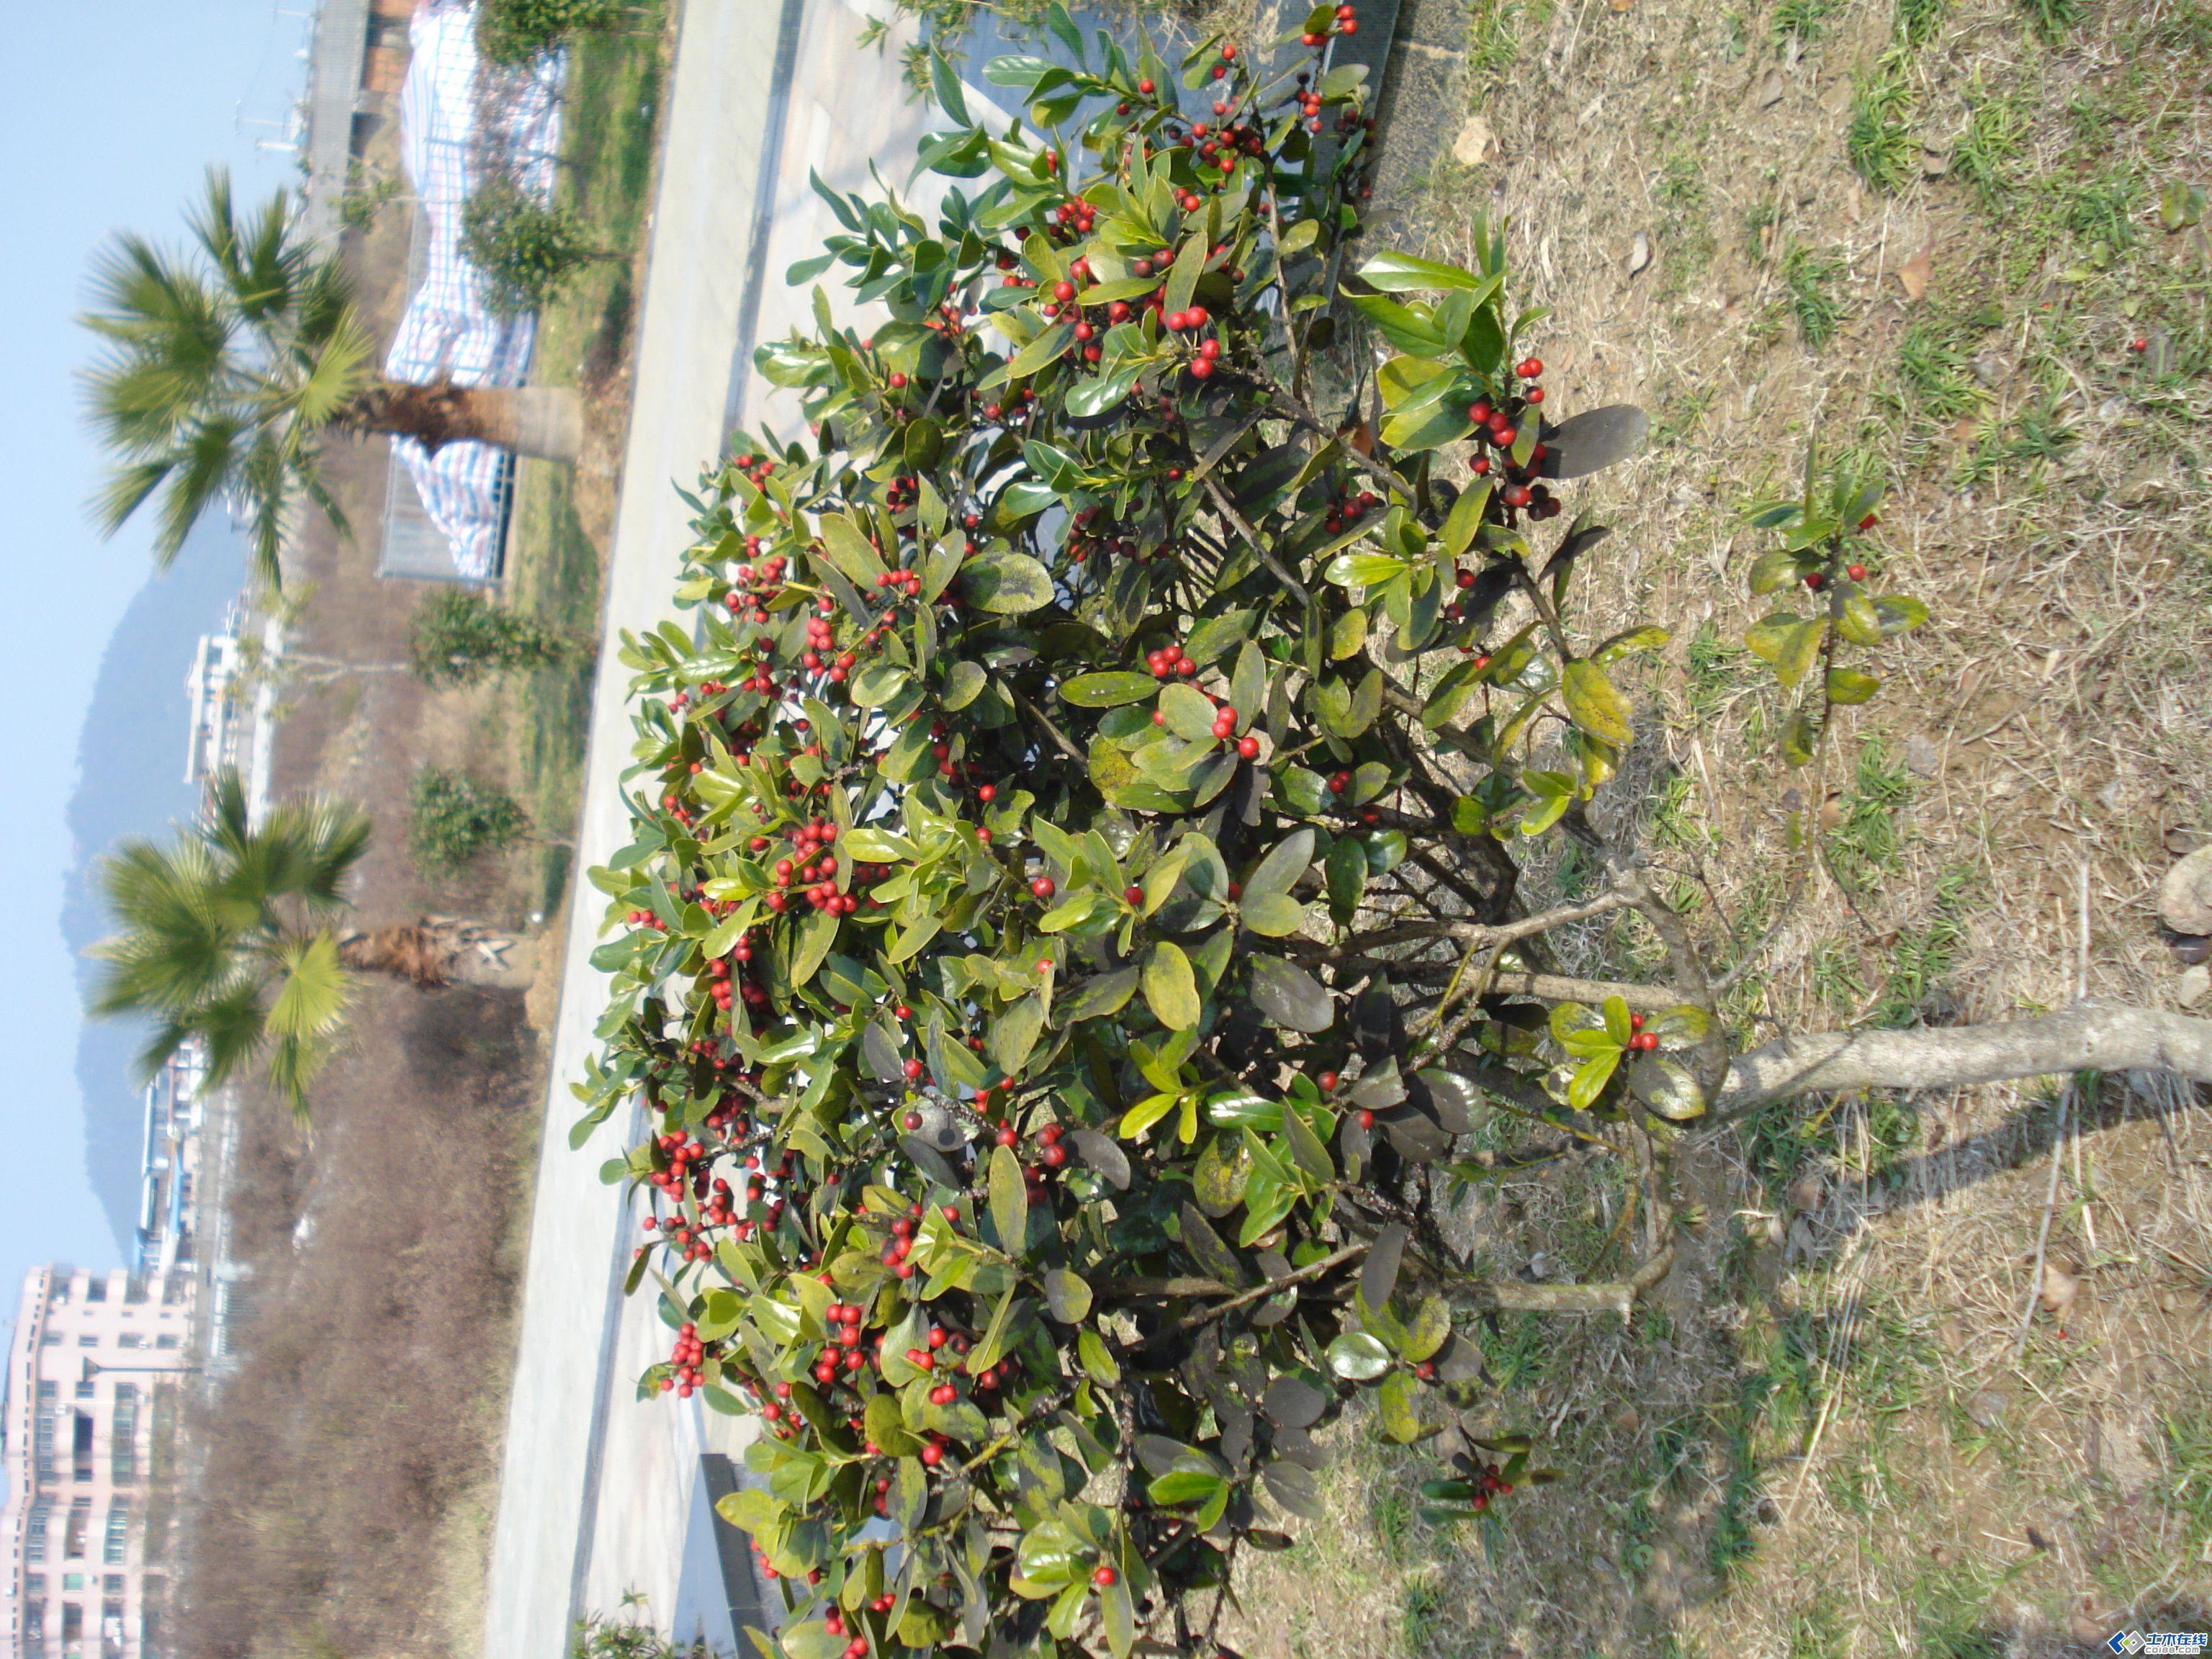 忙看看这两种结红果子的植物是什么